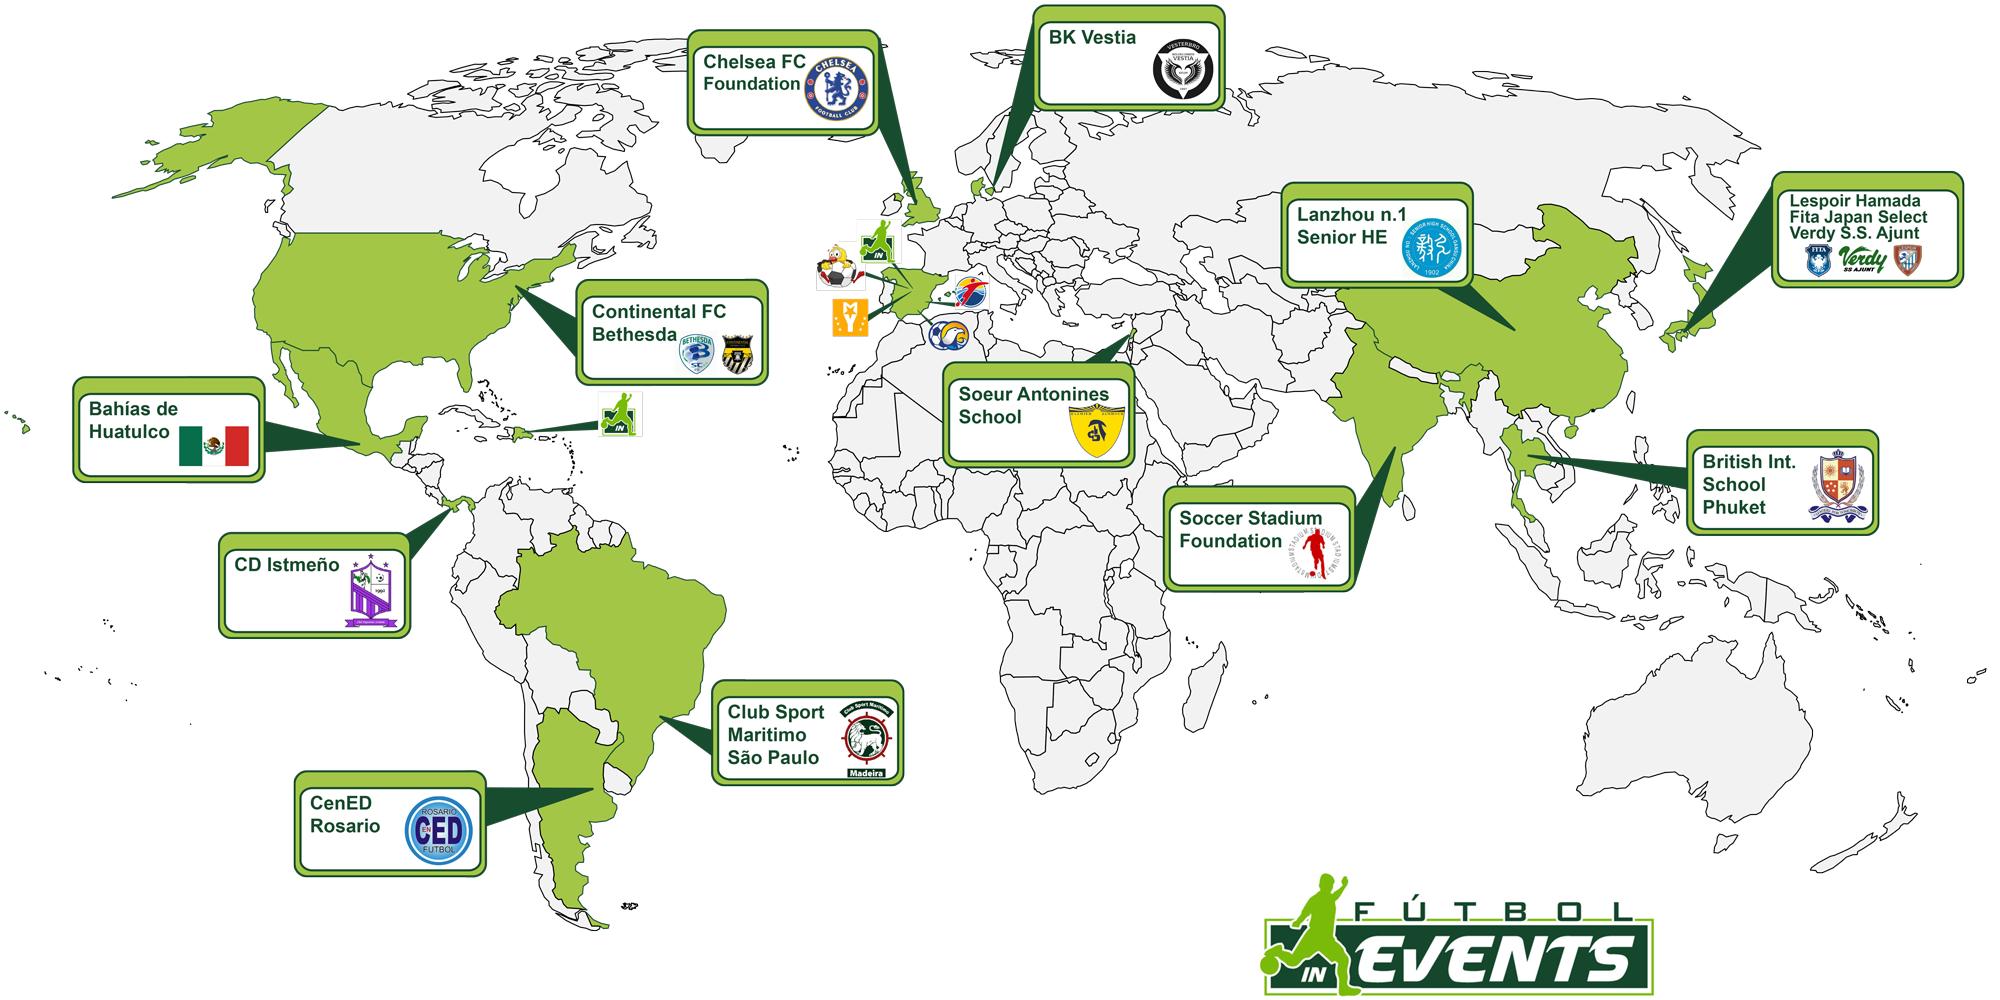 Futbol In Events Internacional